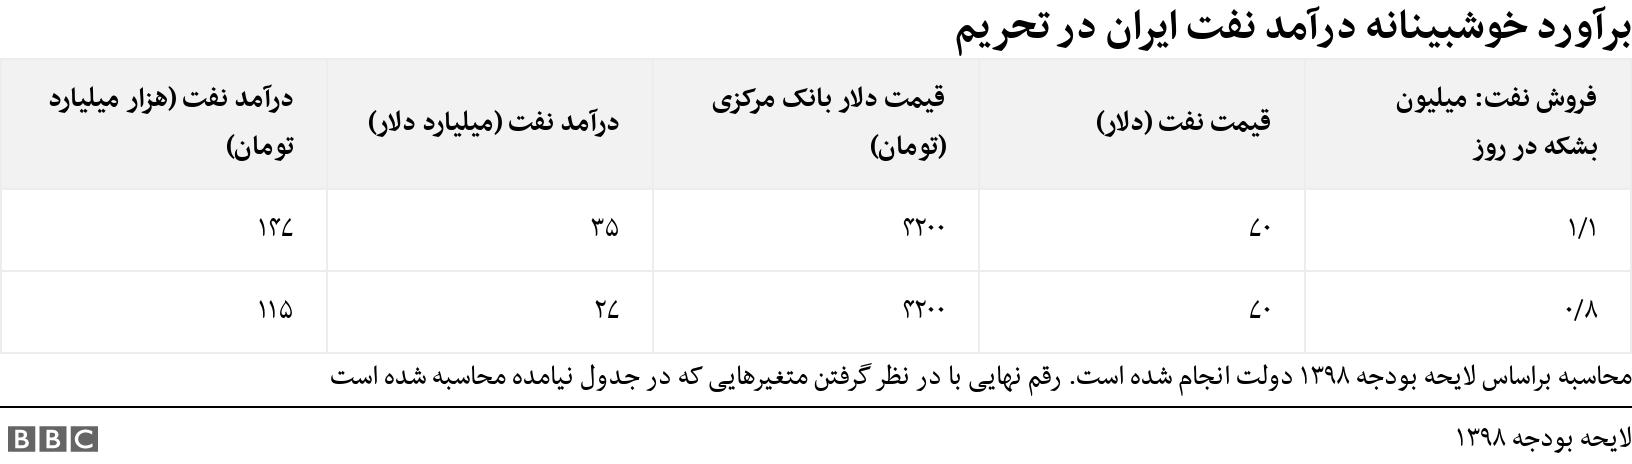 برآورد خوشبینانه درآمد نفت ایران در تحریم. .  محاسبه براساس لایحه بودجه ۱۳۹۸ دولت انجام شده است. رقم نهایی با در نظر گرفتن متغیرهایی که در جدول نیامده محاسبه شده است.